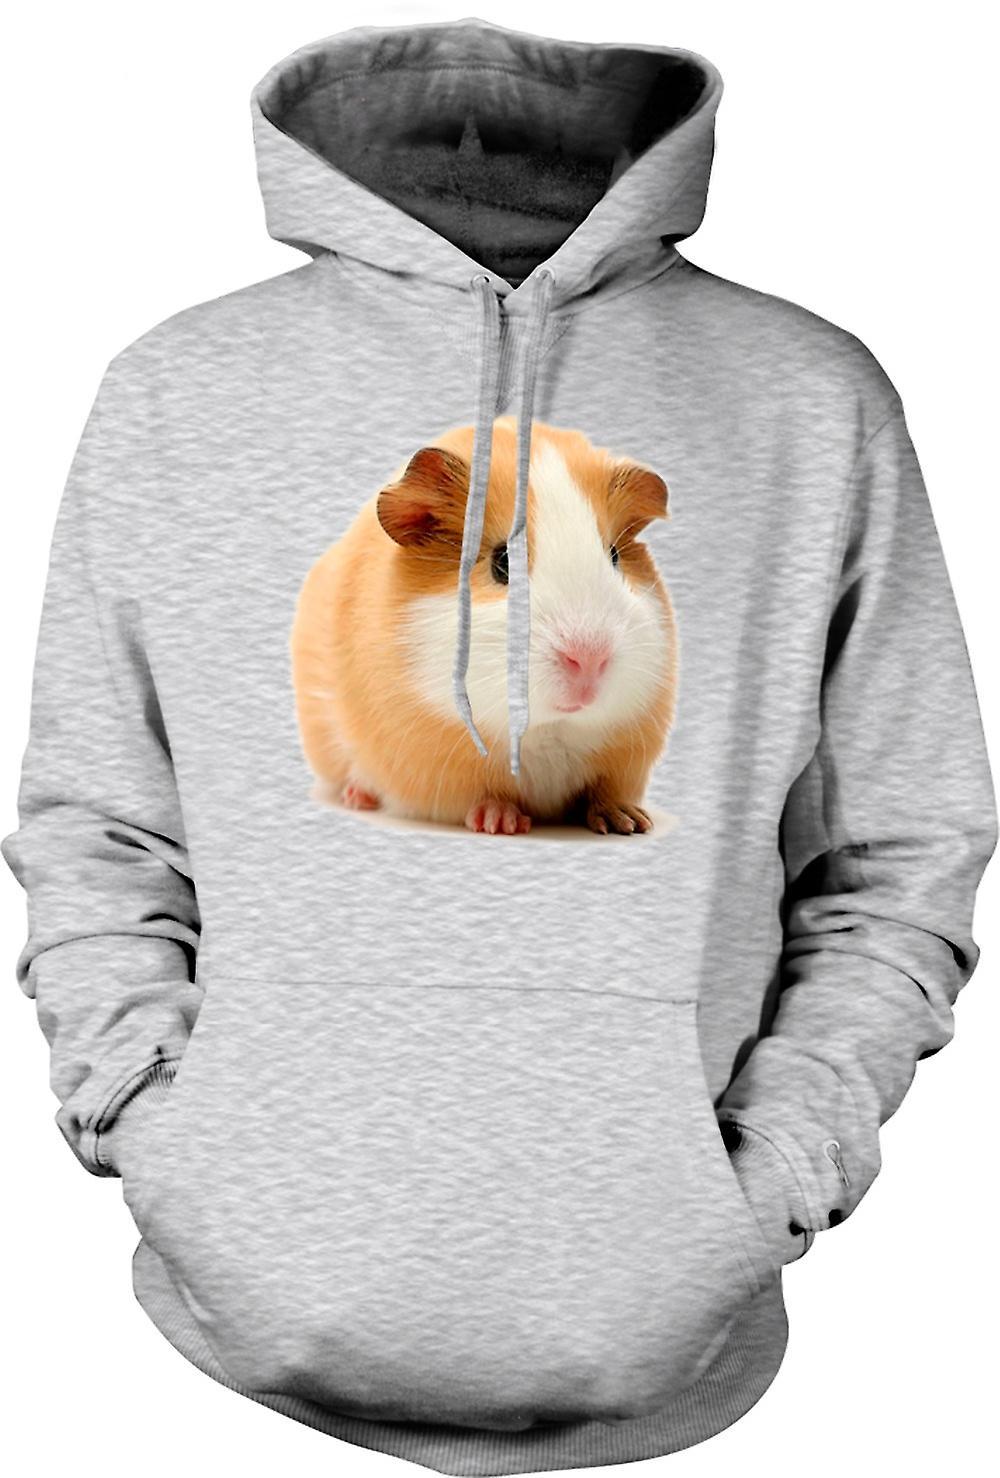 Mens Hoodie - Guinea Pig - Blonde - Cute